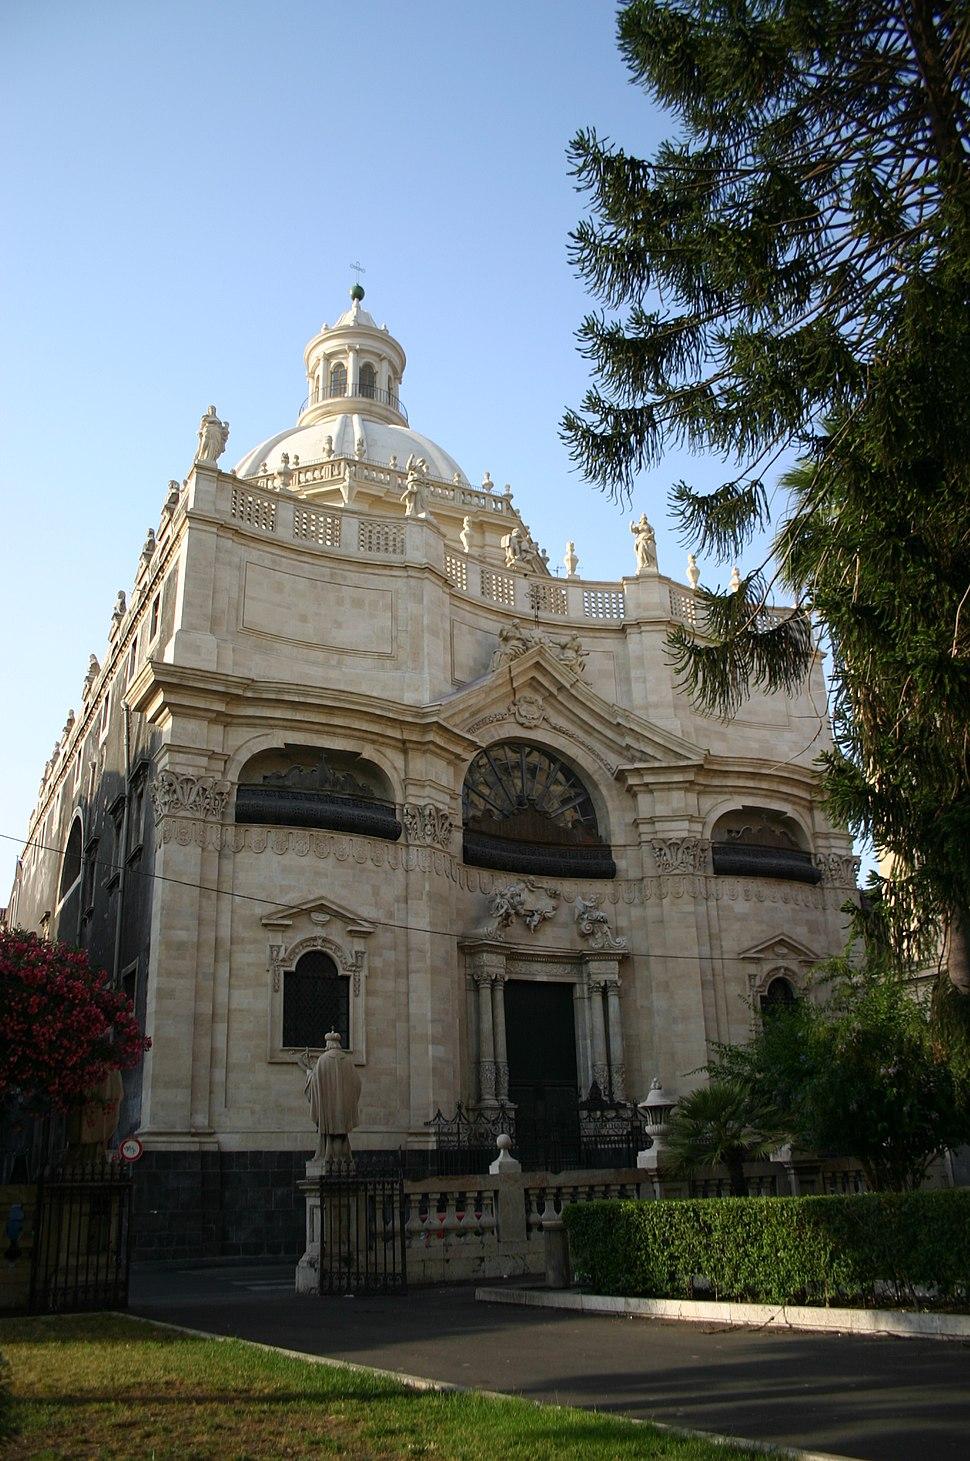 2893 - Catania - Giov. Batt. Vaccarini - Chiesa della Badia di S. Agata (1767) - Foto Giovanni Dall'Orto, 4-July-2008